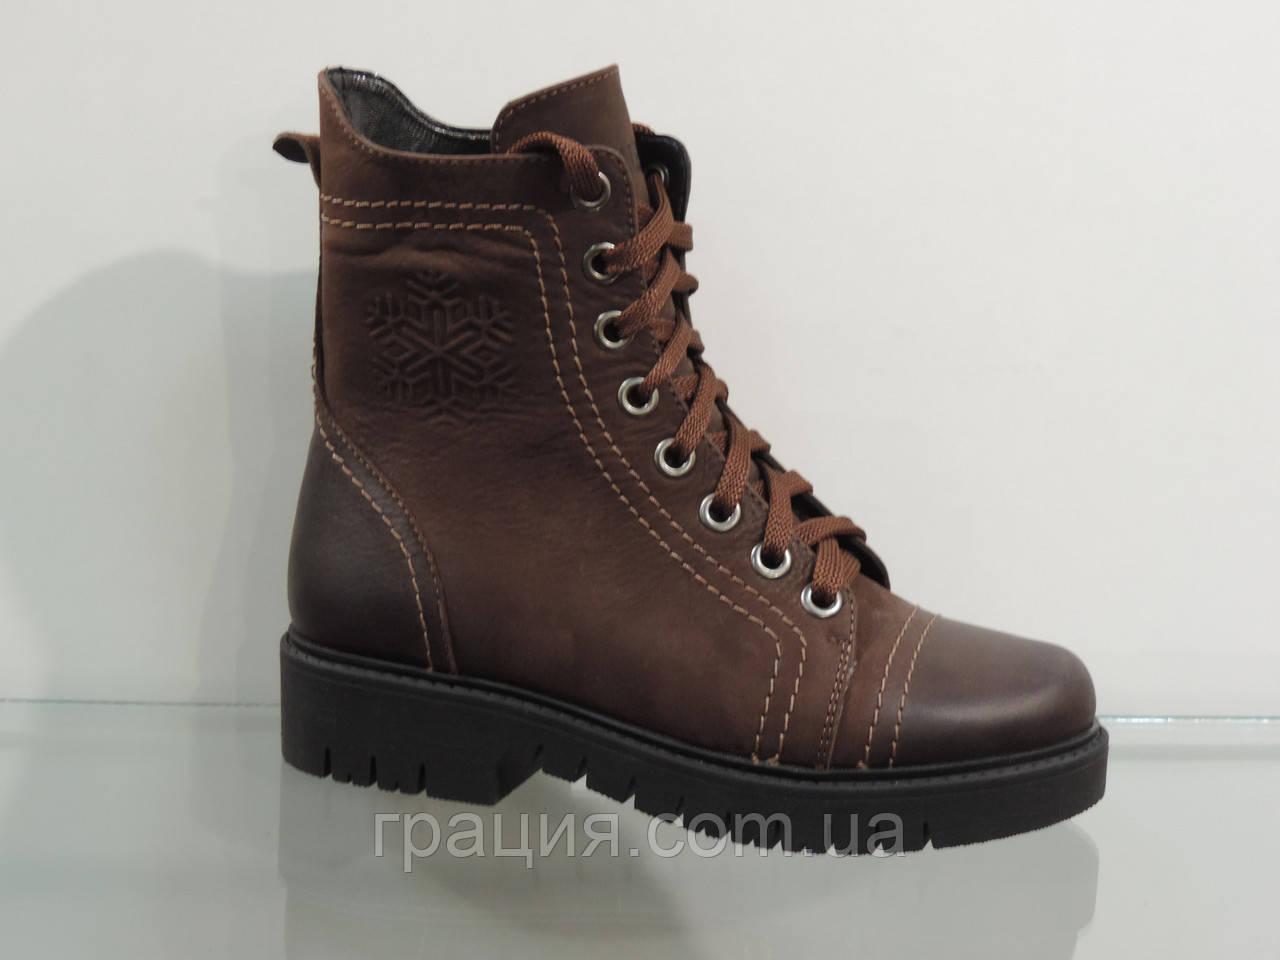 Зимові жіночі шкіряні черевики на шнурівці коричневі